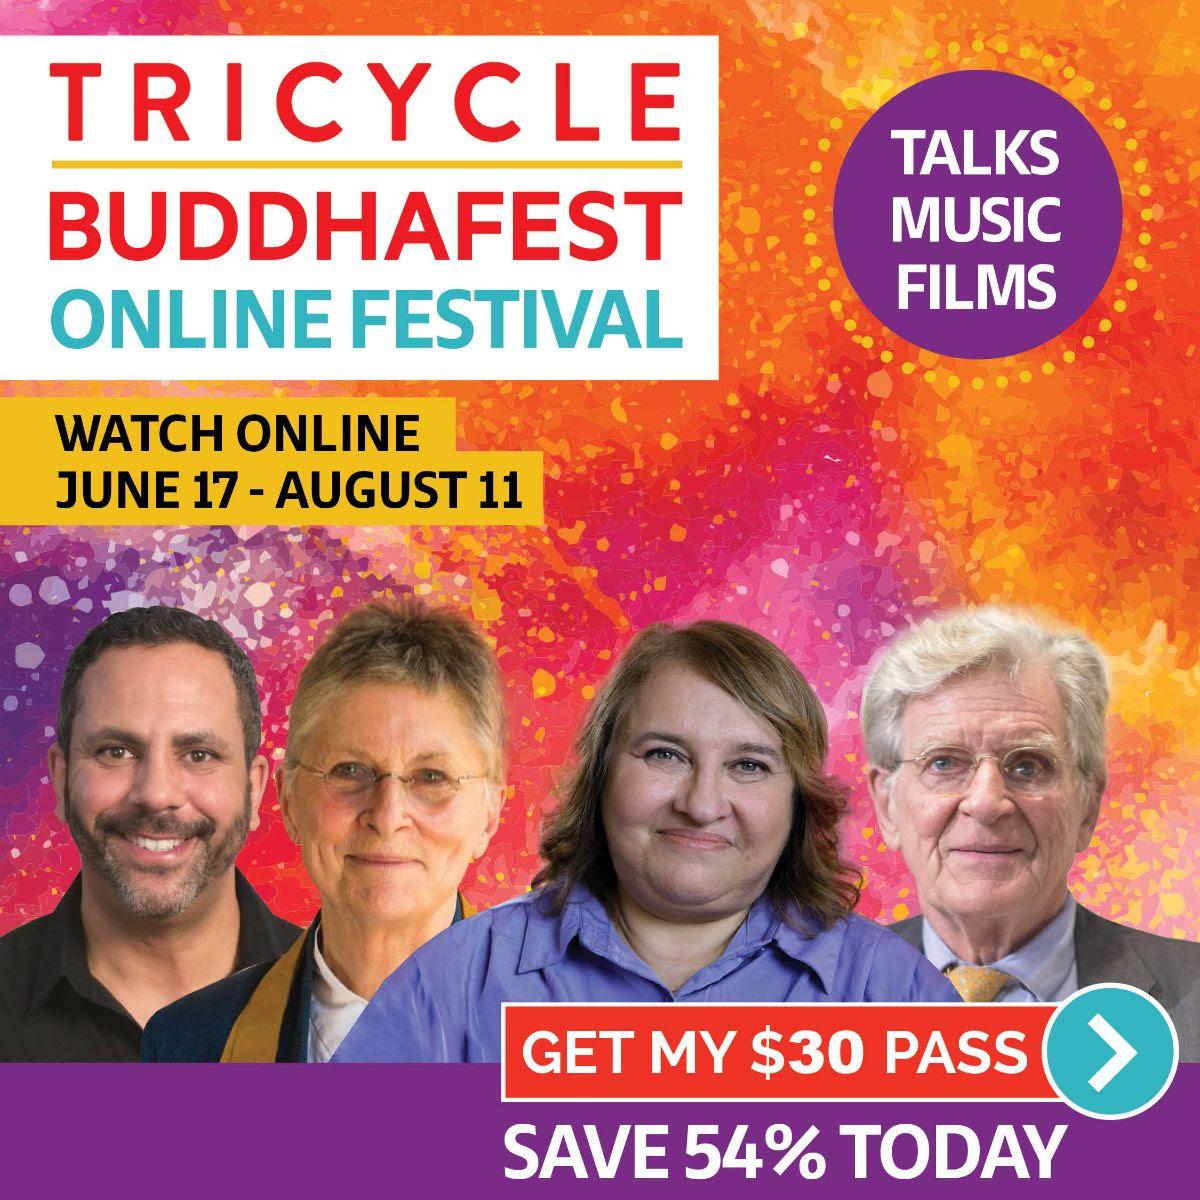 BuddhaFest Online Festival